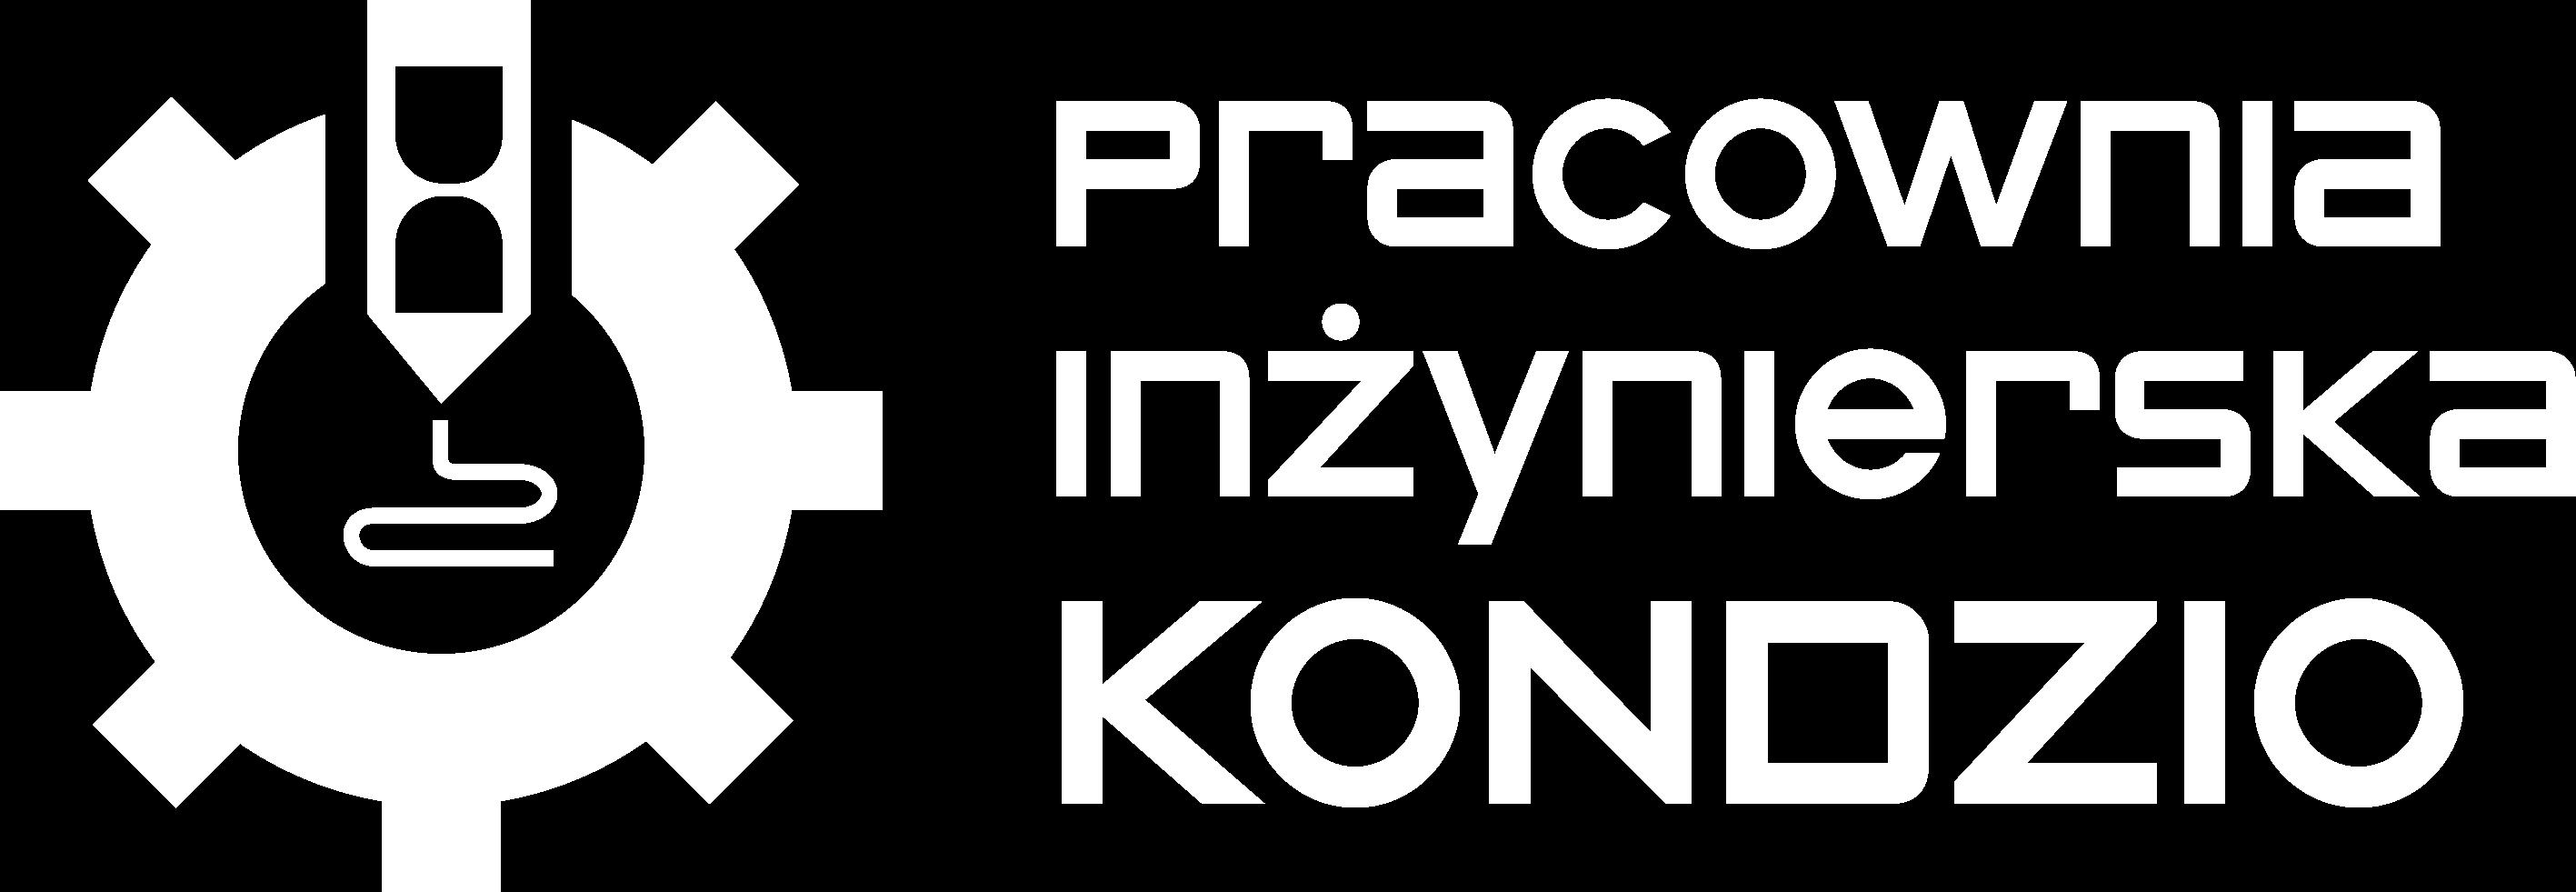 Pracownia Inżynierska Kondzio.pl – Konrad Makarewicz, Projektowanie 3D, Druk3D, Inżynieria wsteczna, Prototypowanie, Konstrukcja maszyn, Doradztwo techniczne